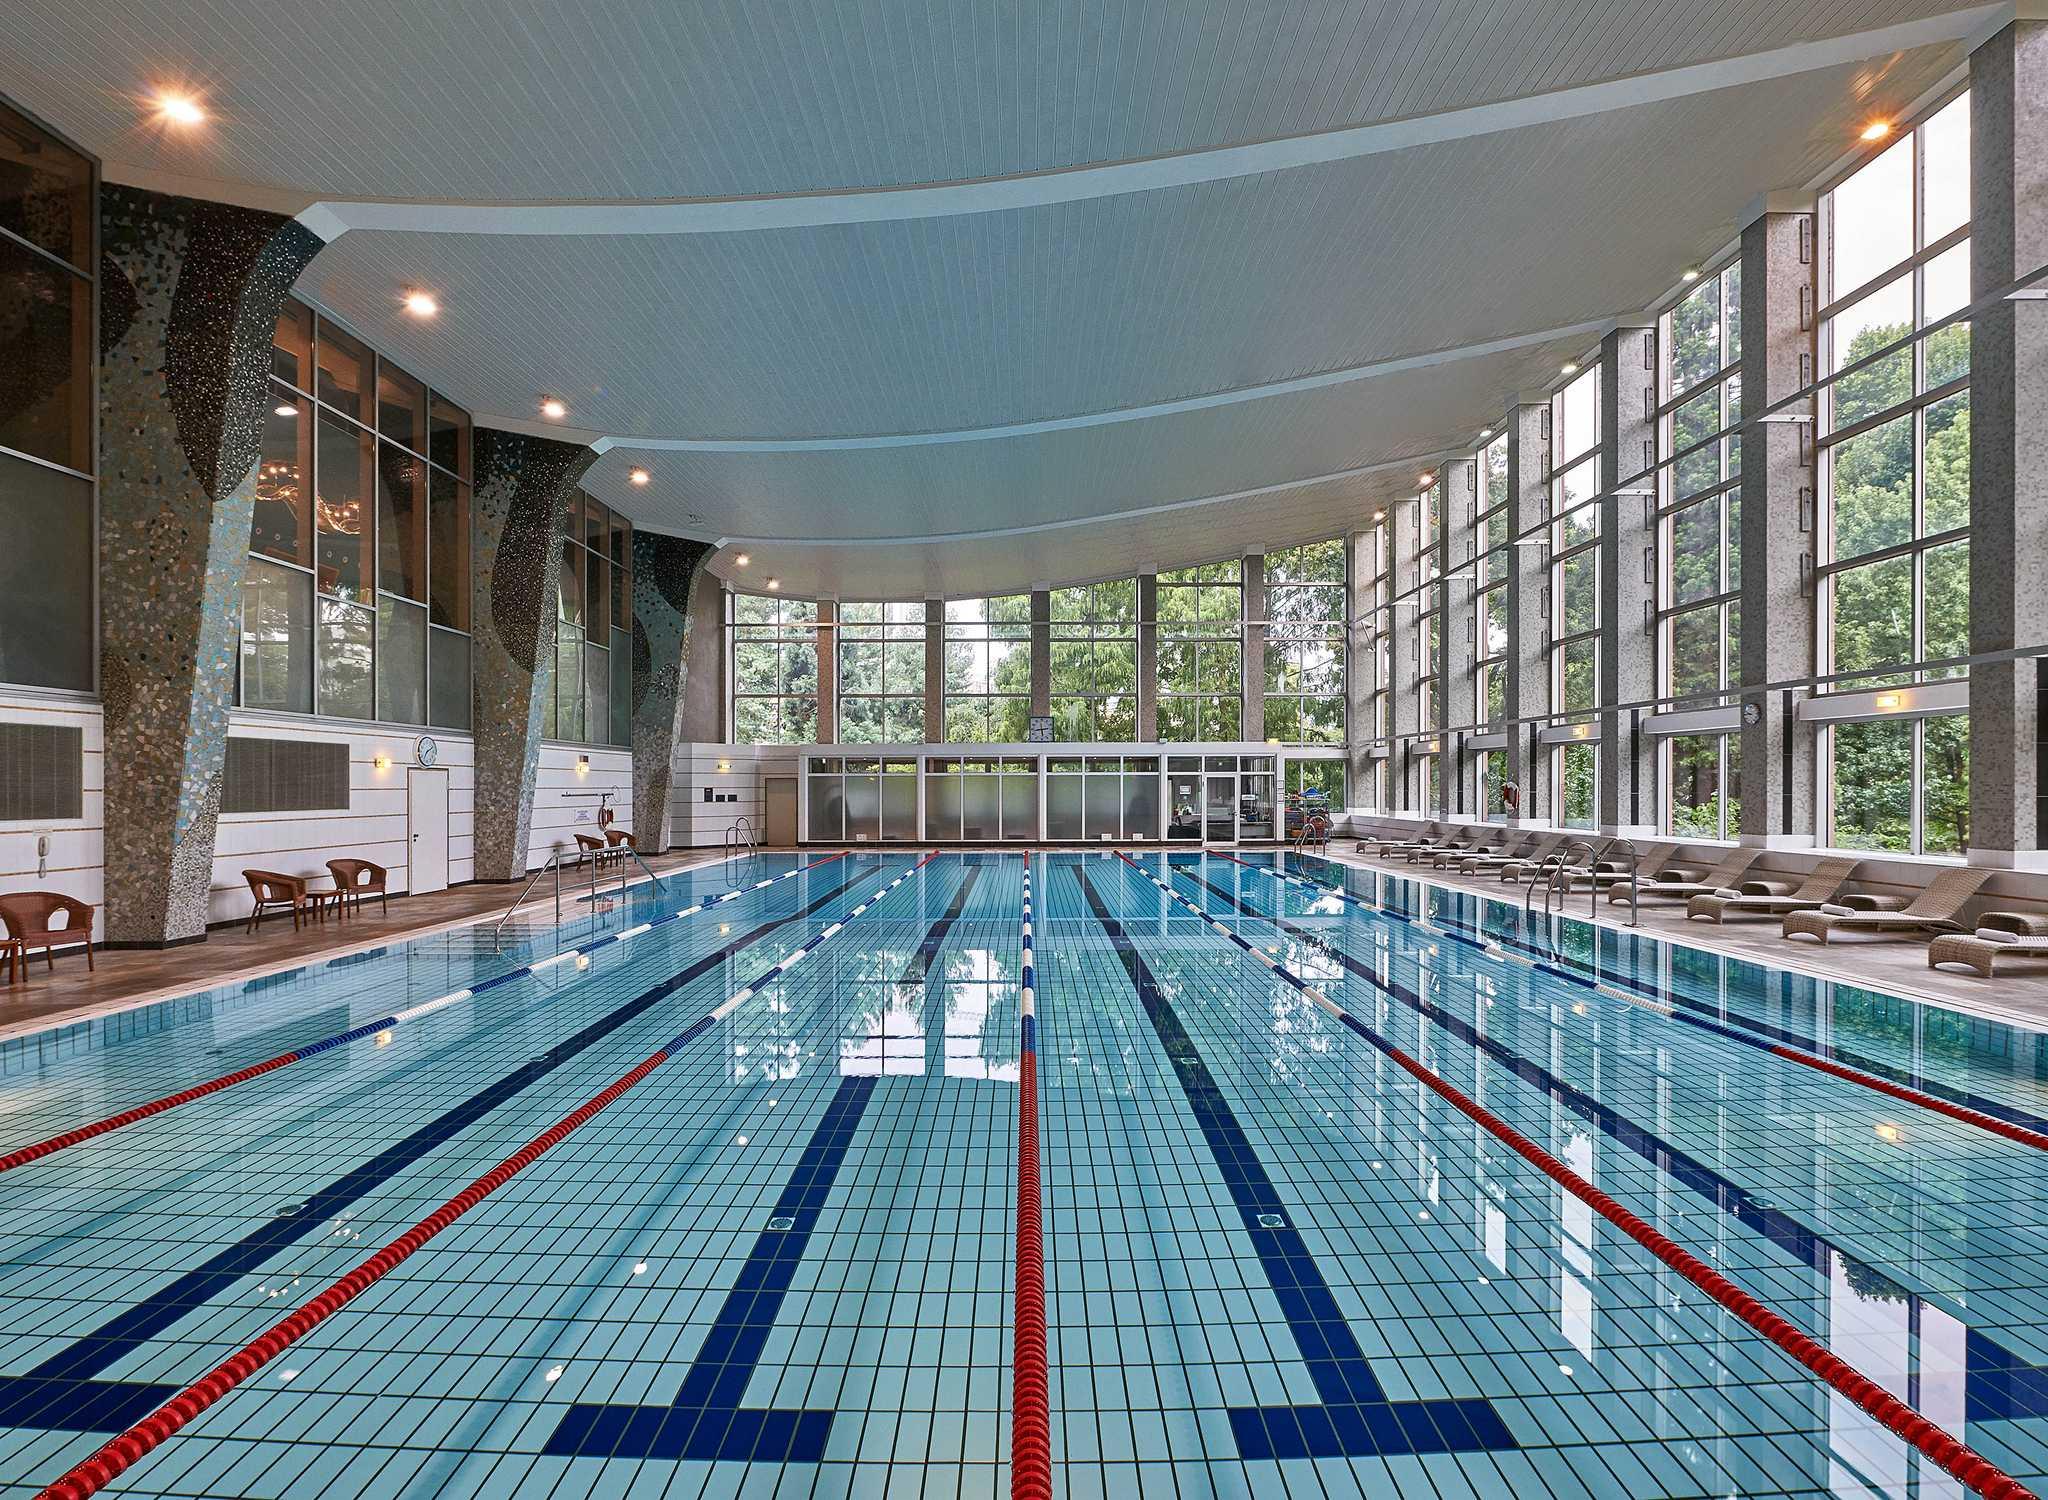 Hilton hotel resorts allemagne - Pool frankfurt ...